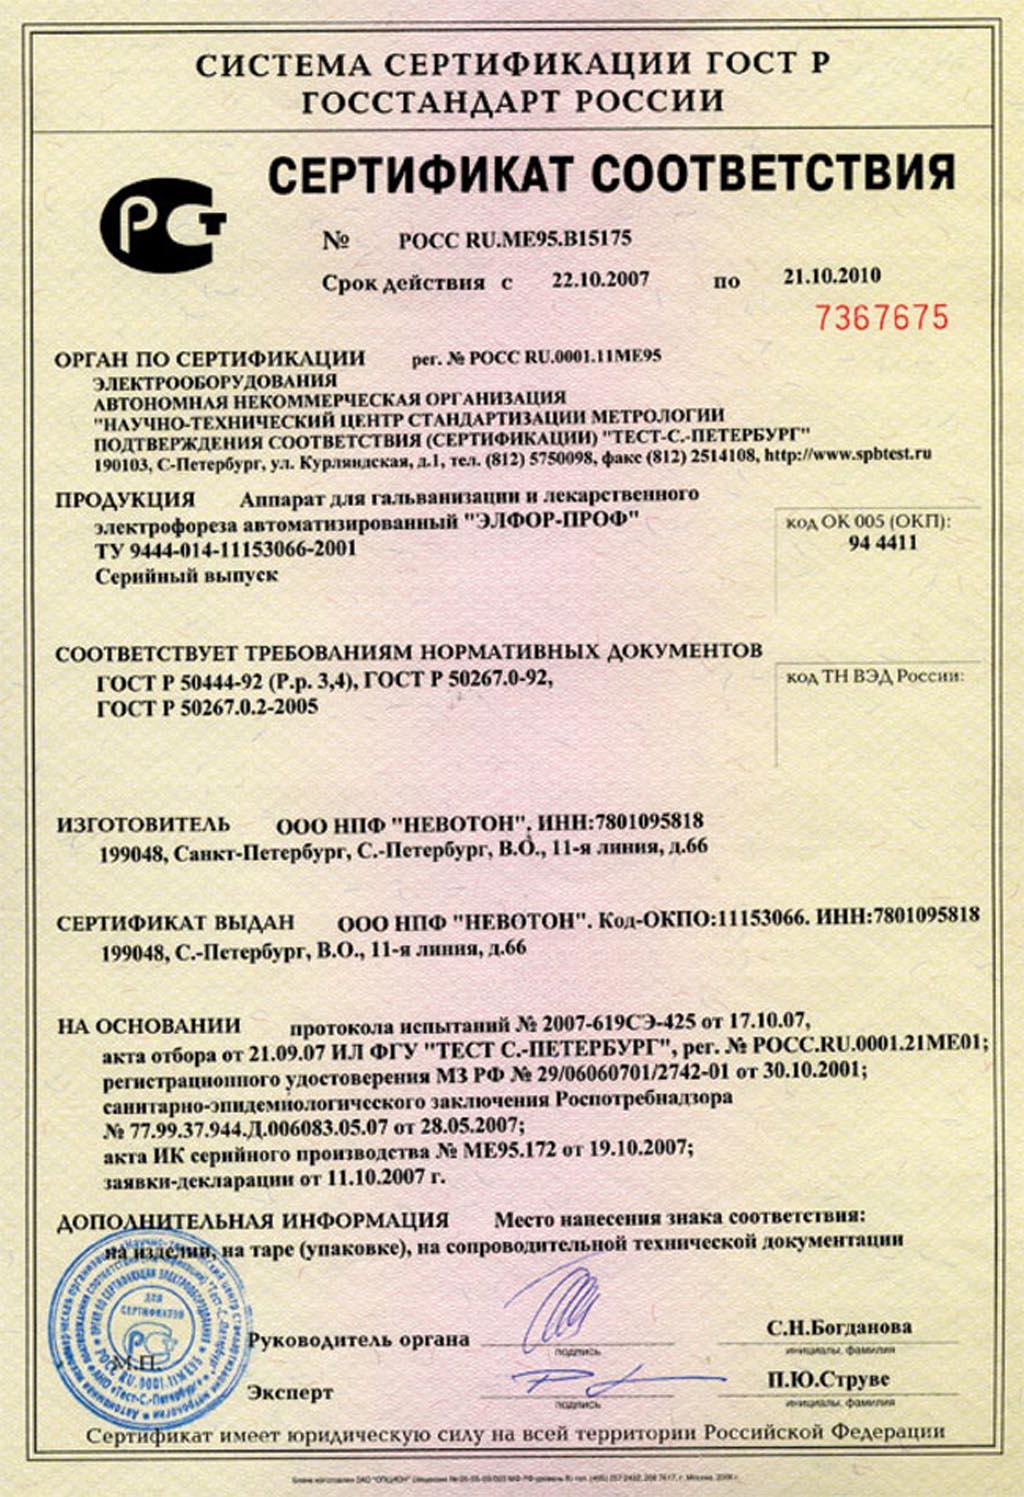 сертификат ЭФЛОР-ПРОФ аппарат для гальванизации